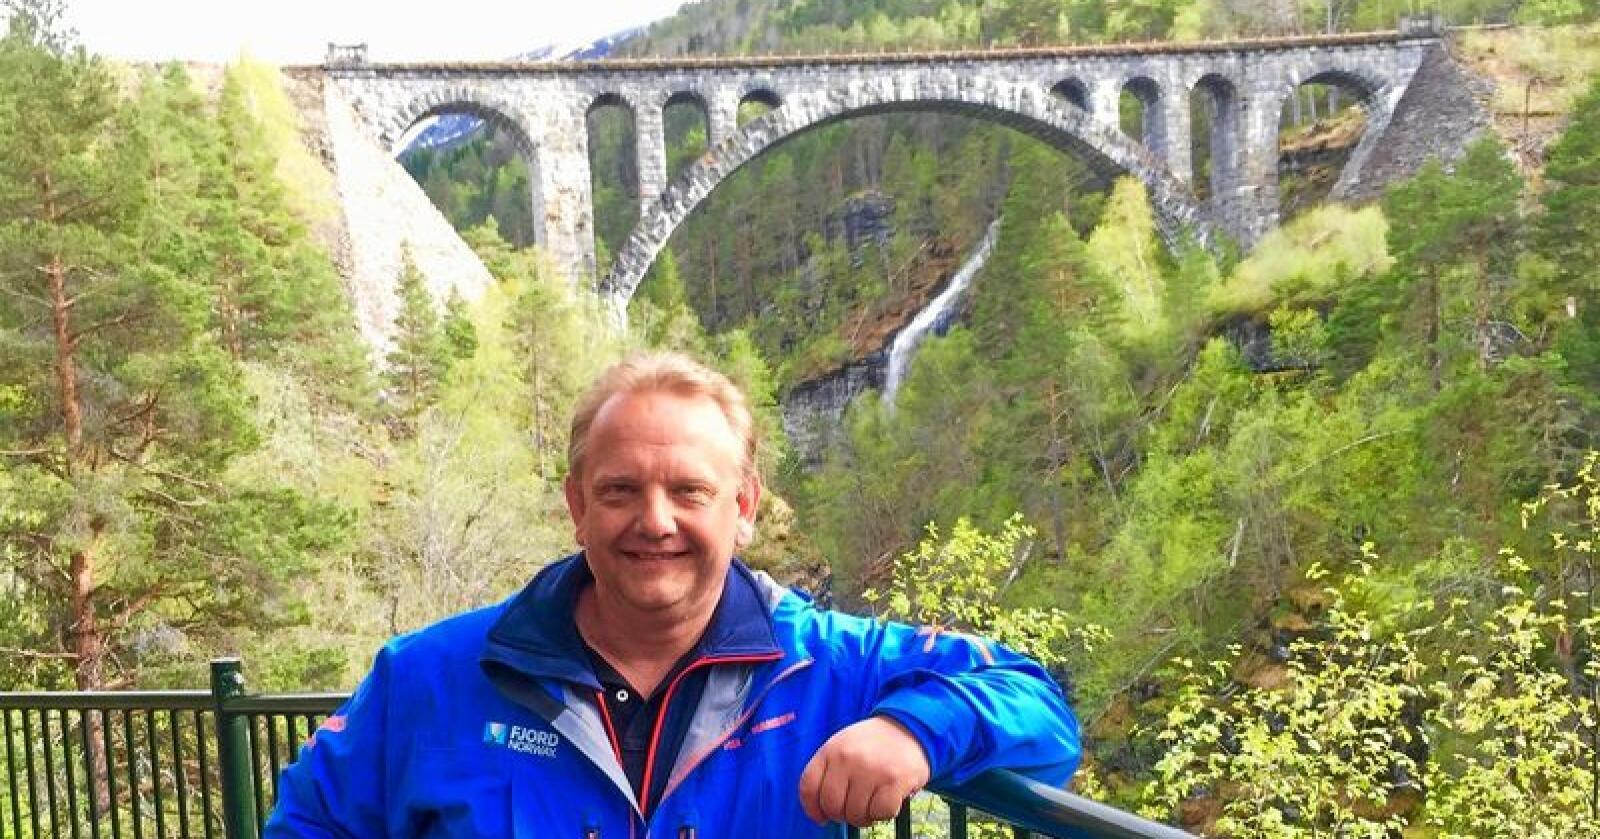 Større bærekraft:  – Vi arbeider med å få etablert en felles visjon for reiselivet – med mål om redusert klimaavtrykk og større bærekraft, sier administrerende direktør Kristian B. Jørgensen i Fjord Norge AS. Her ved turistmagneten Raumabanen i Møre og Romsdal. Foto: Privat